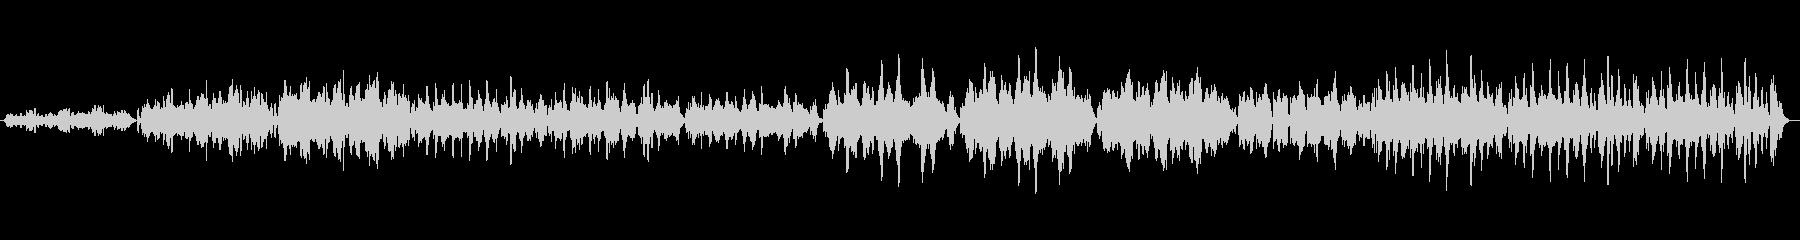 ほのぼのとしたオーケストラ曲の未再生の波形